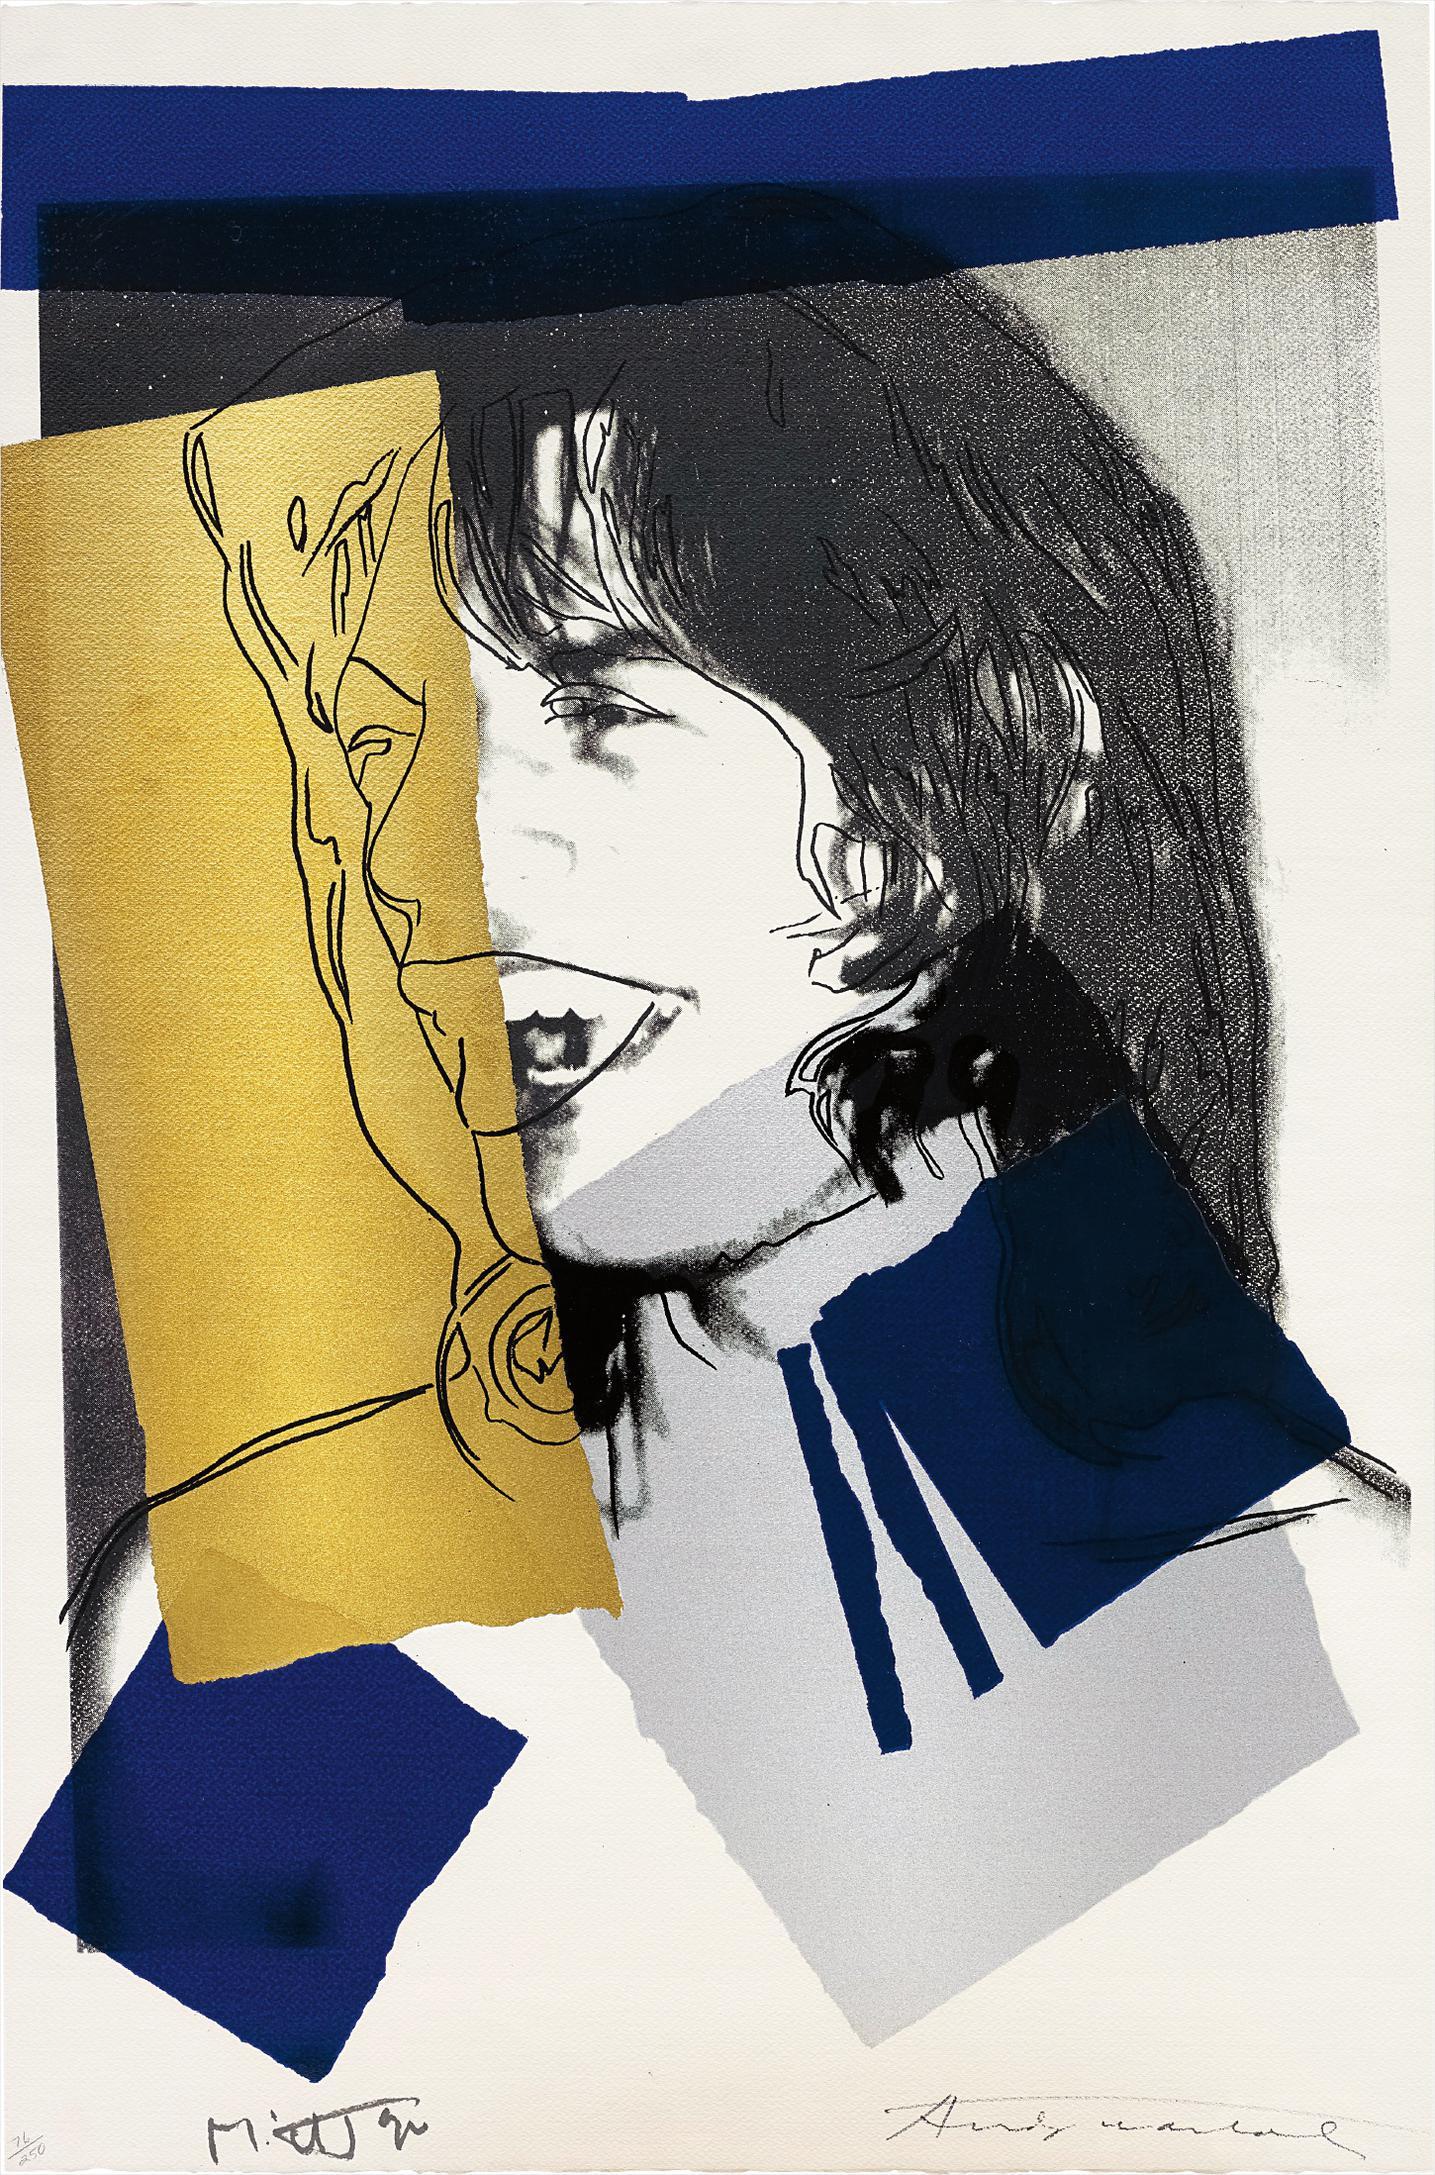 Andy Warhol-Mick Jagger-1972